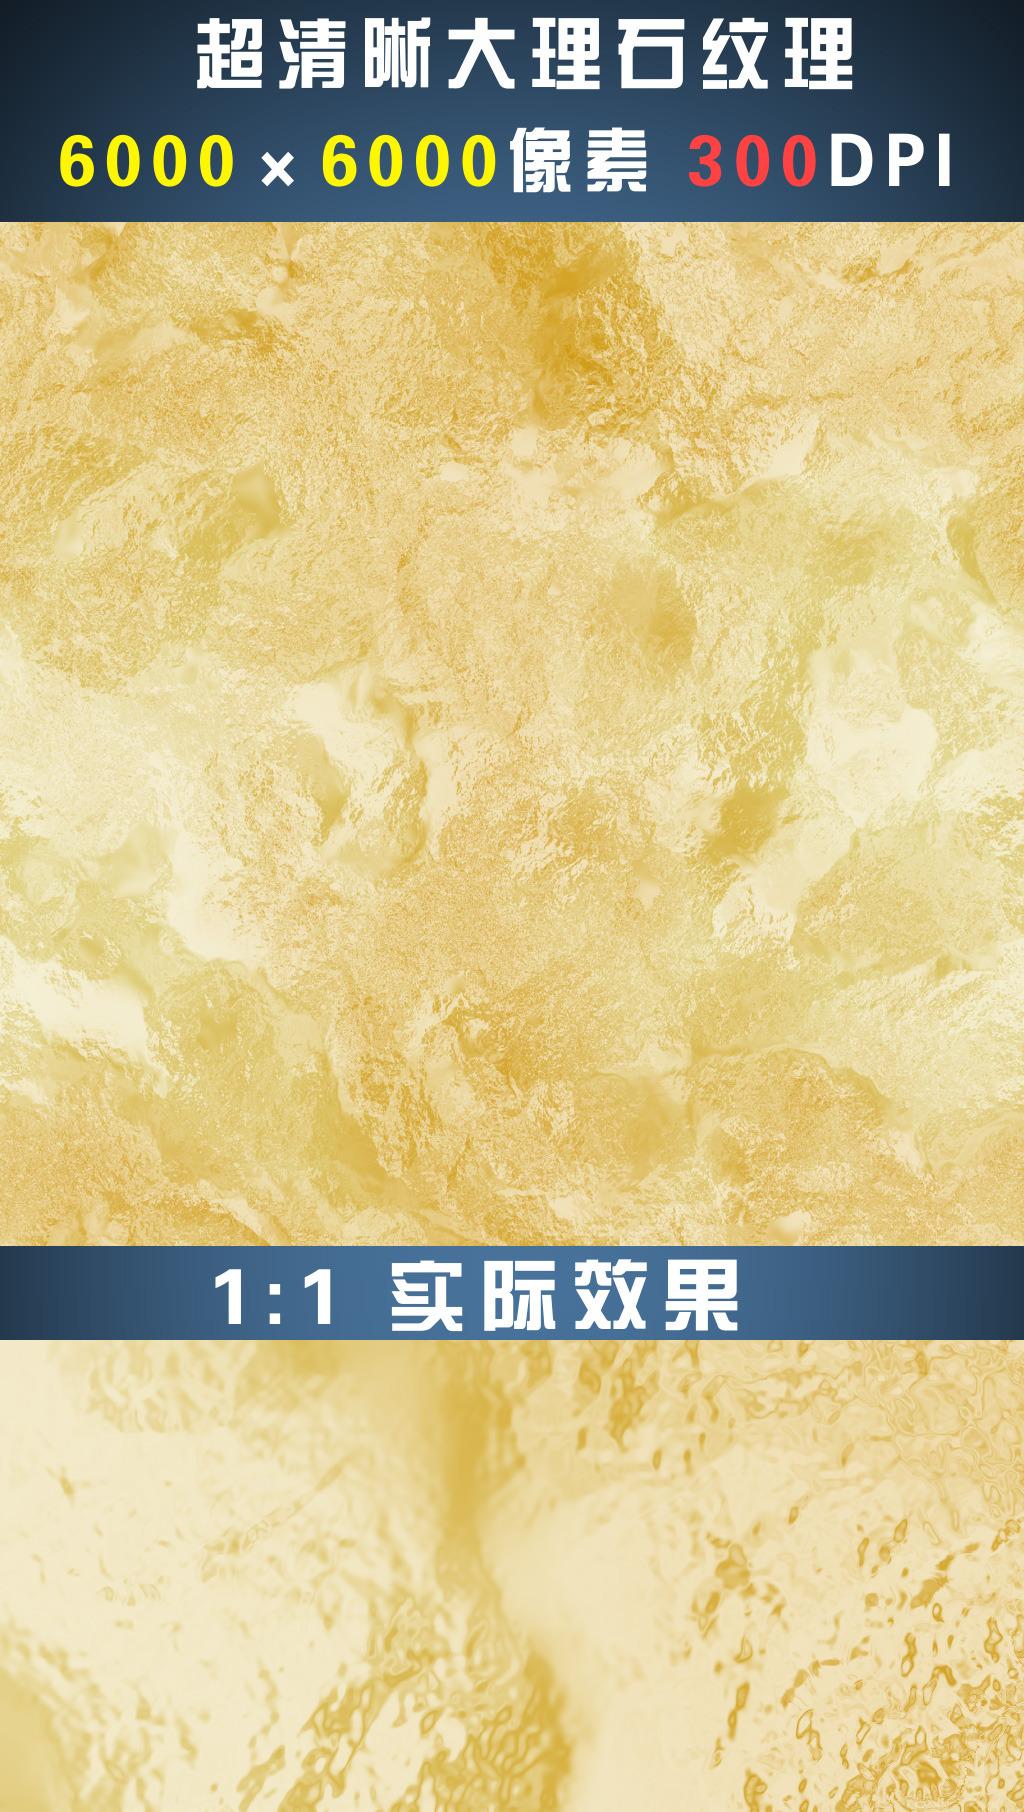 大理石贴图|木材贴图